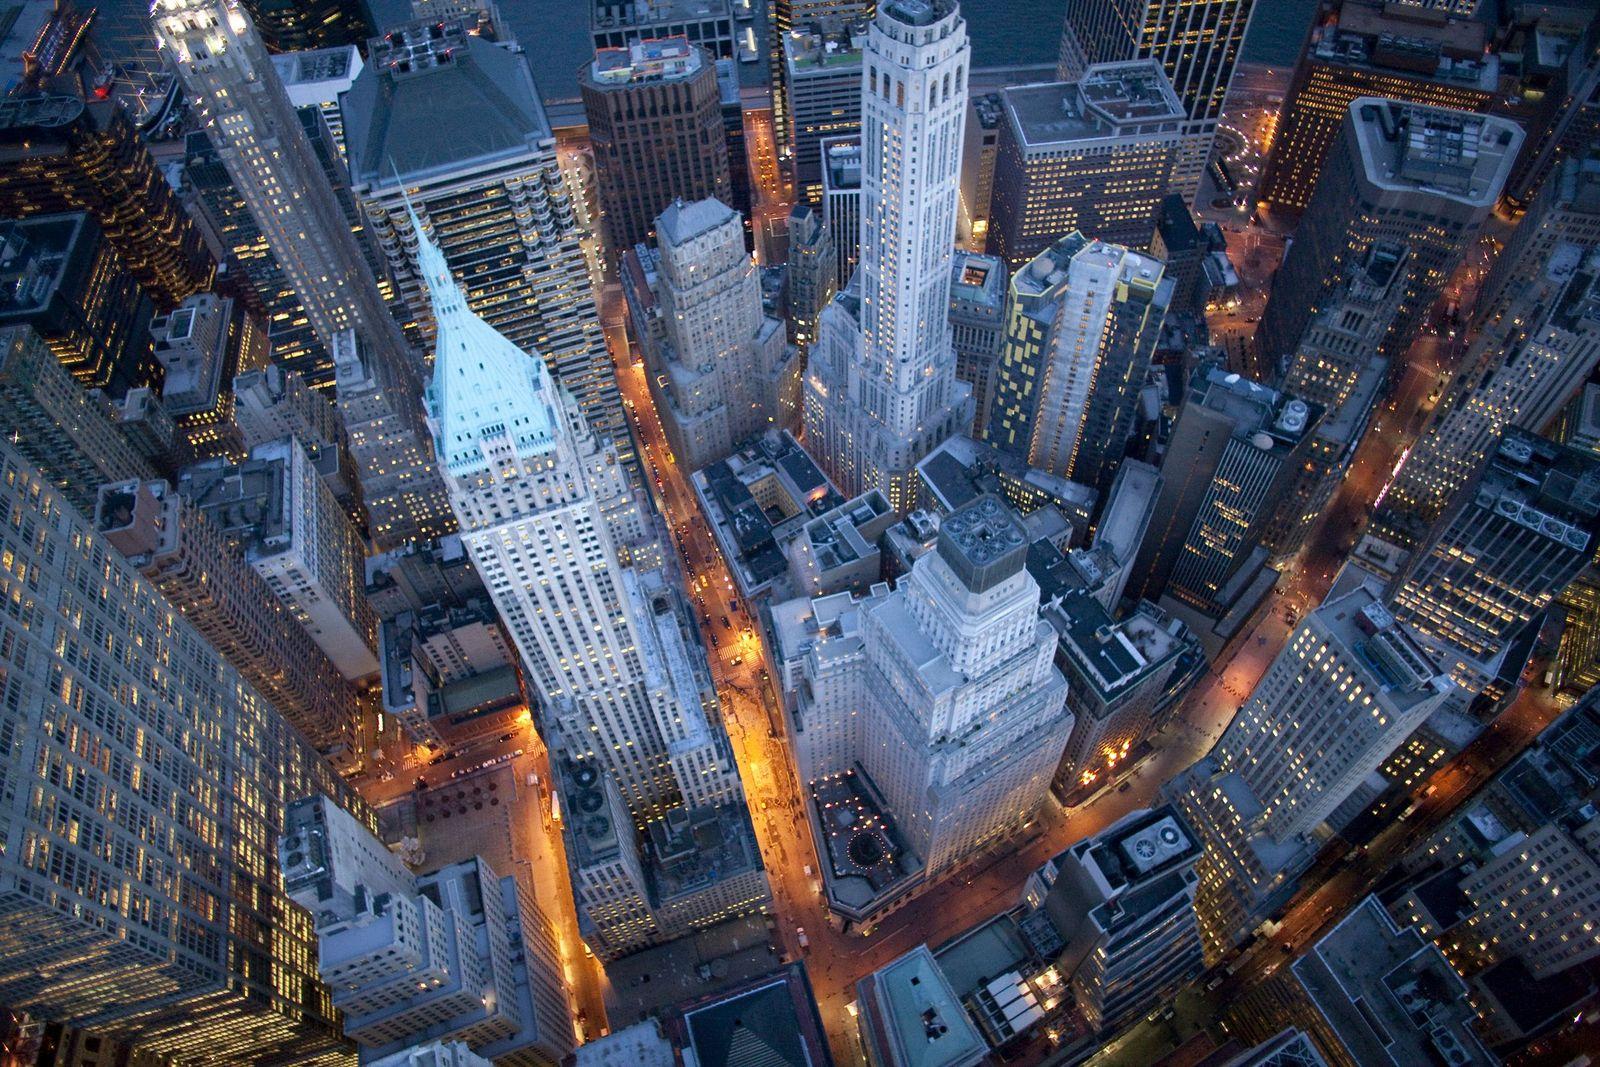 NICHT MEHR VERWENDEN! - New York / Wall Street